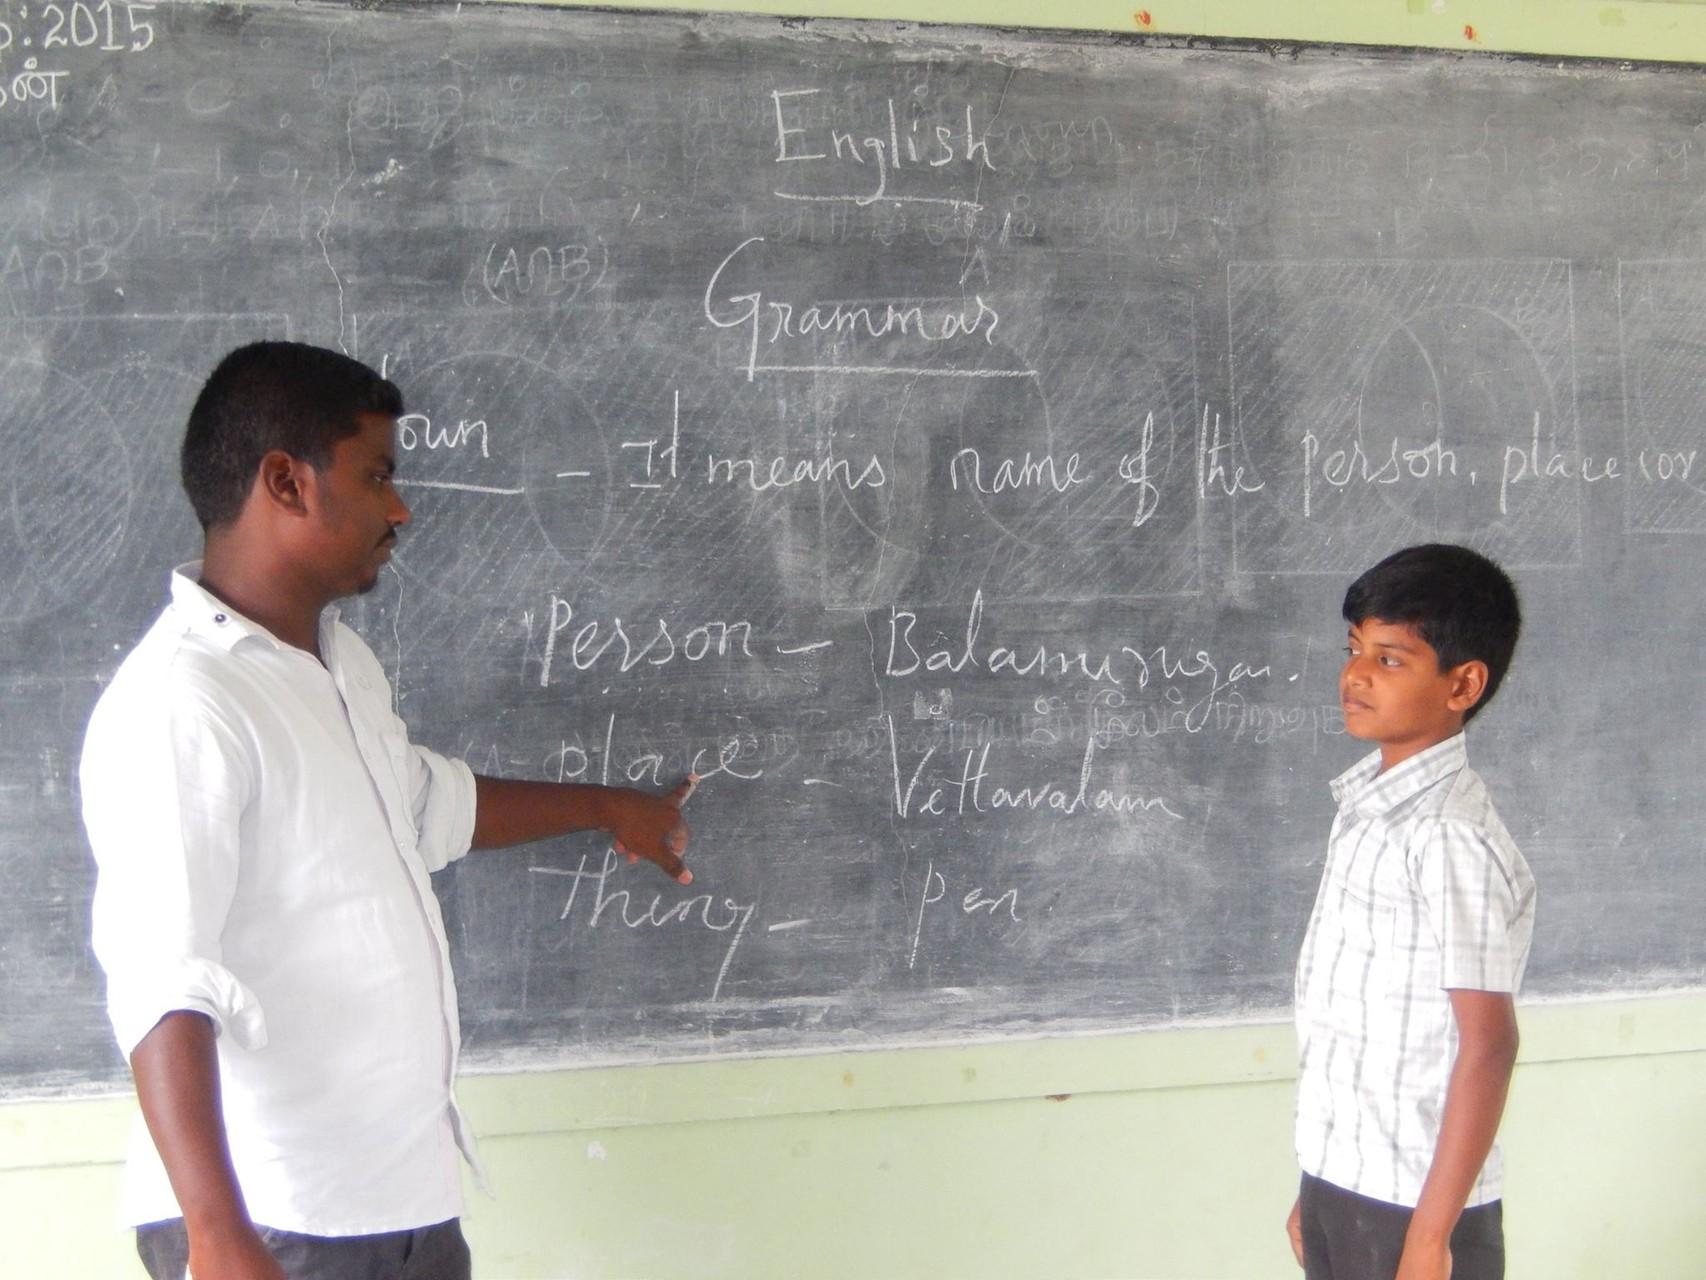 2015 - Cours de grammaire anglaise